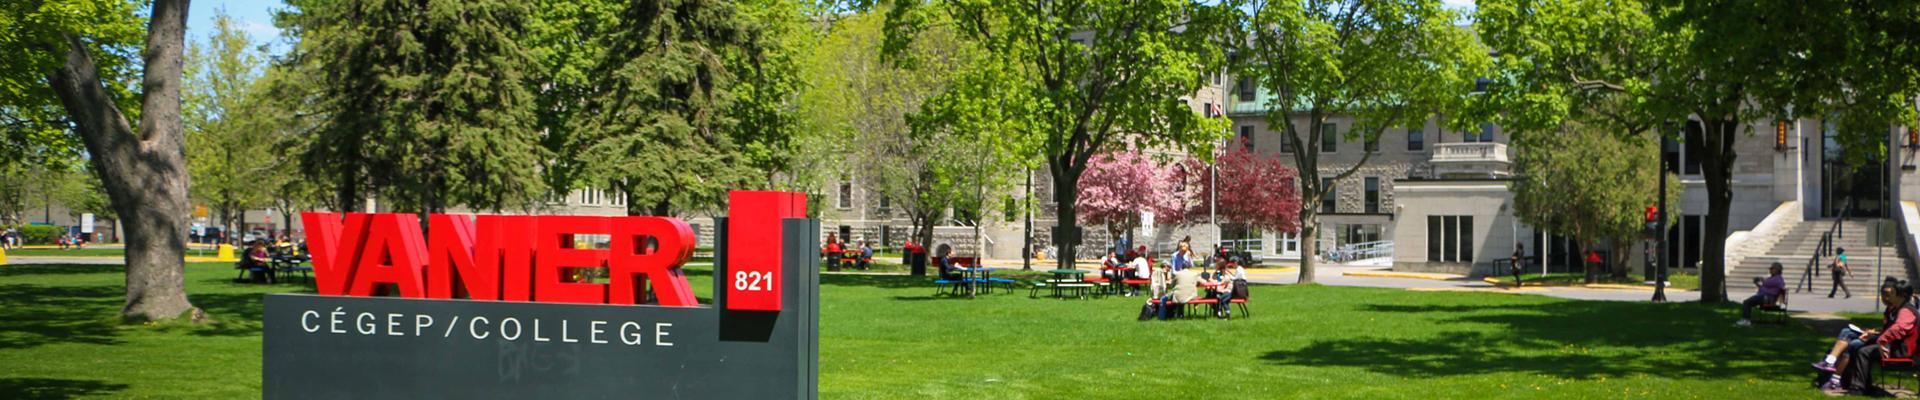 Vanier campus